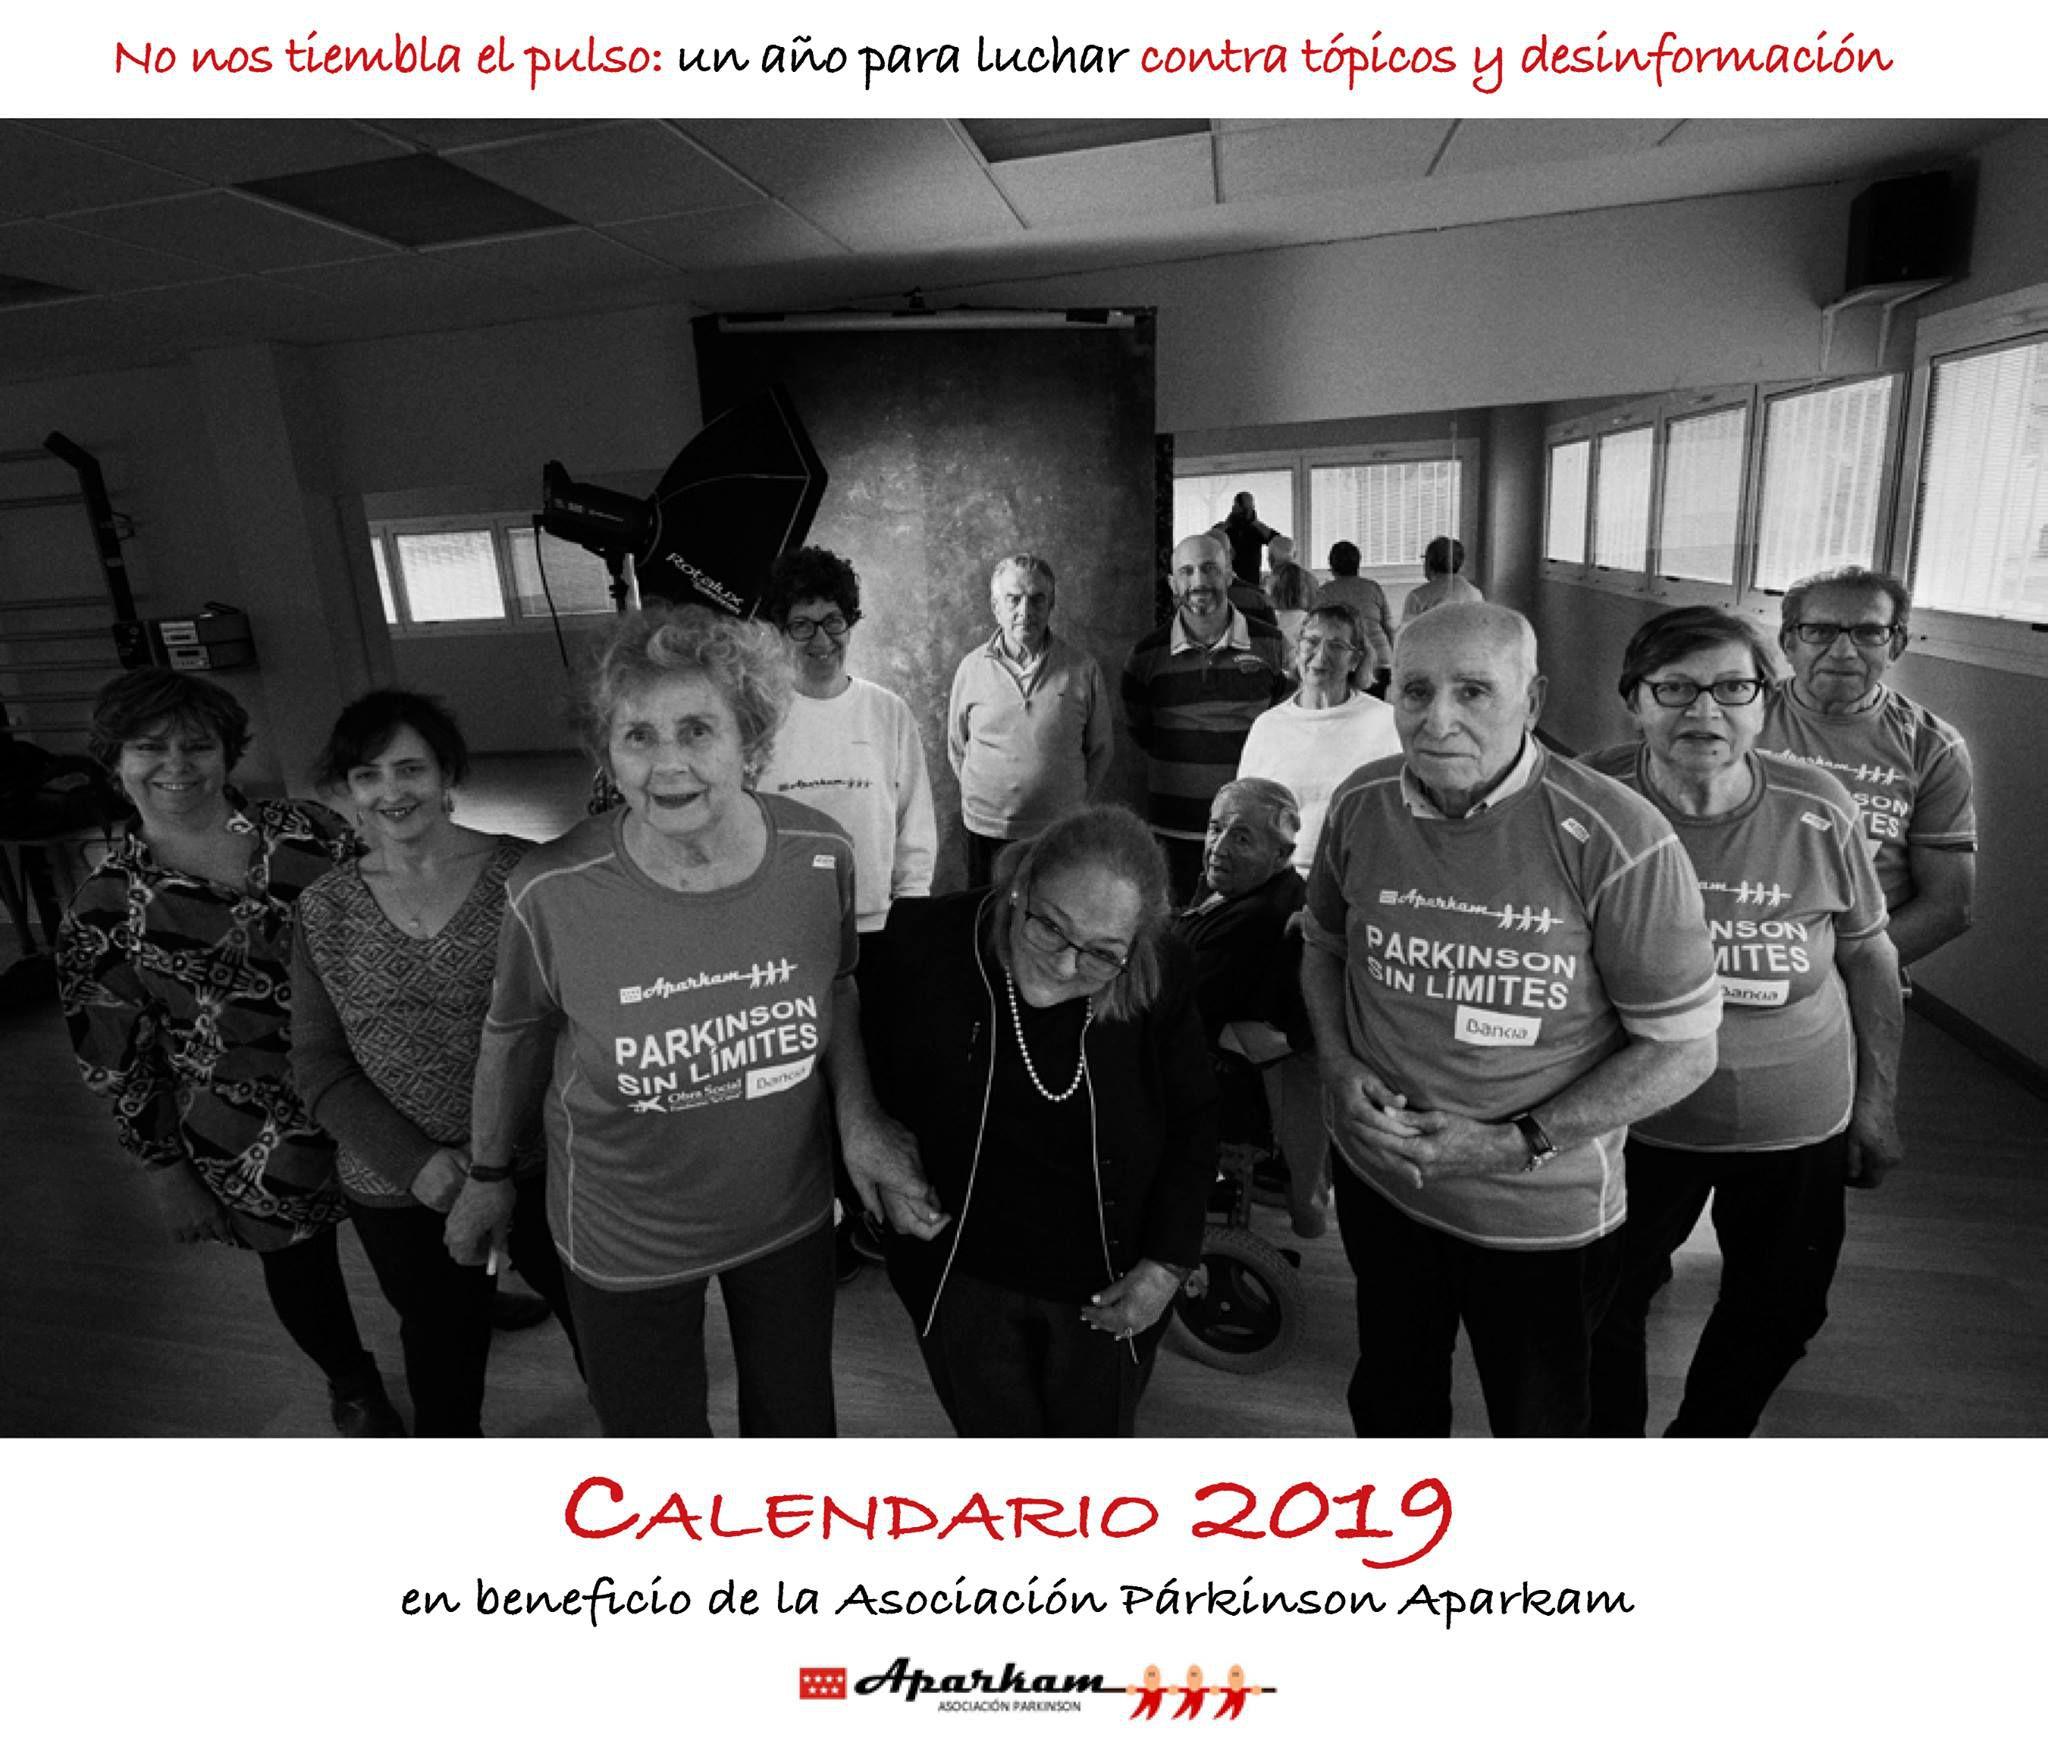 Un calendario solidario para divulgar los síntomas del párkinson durante 2019